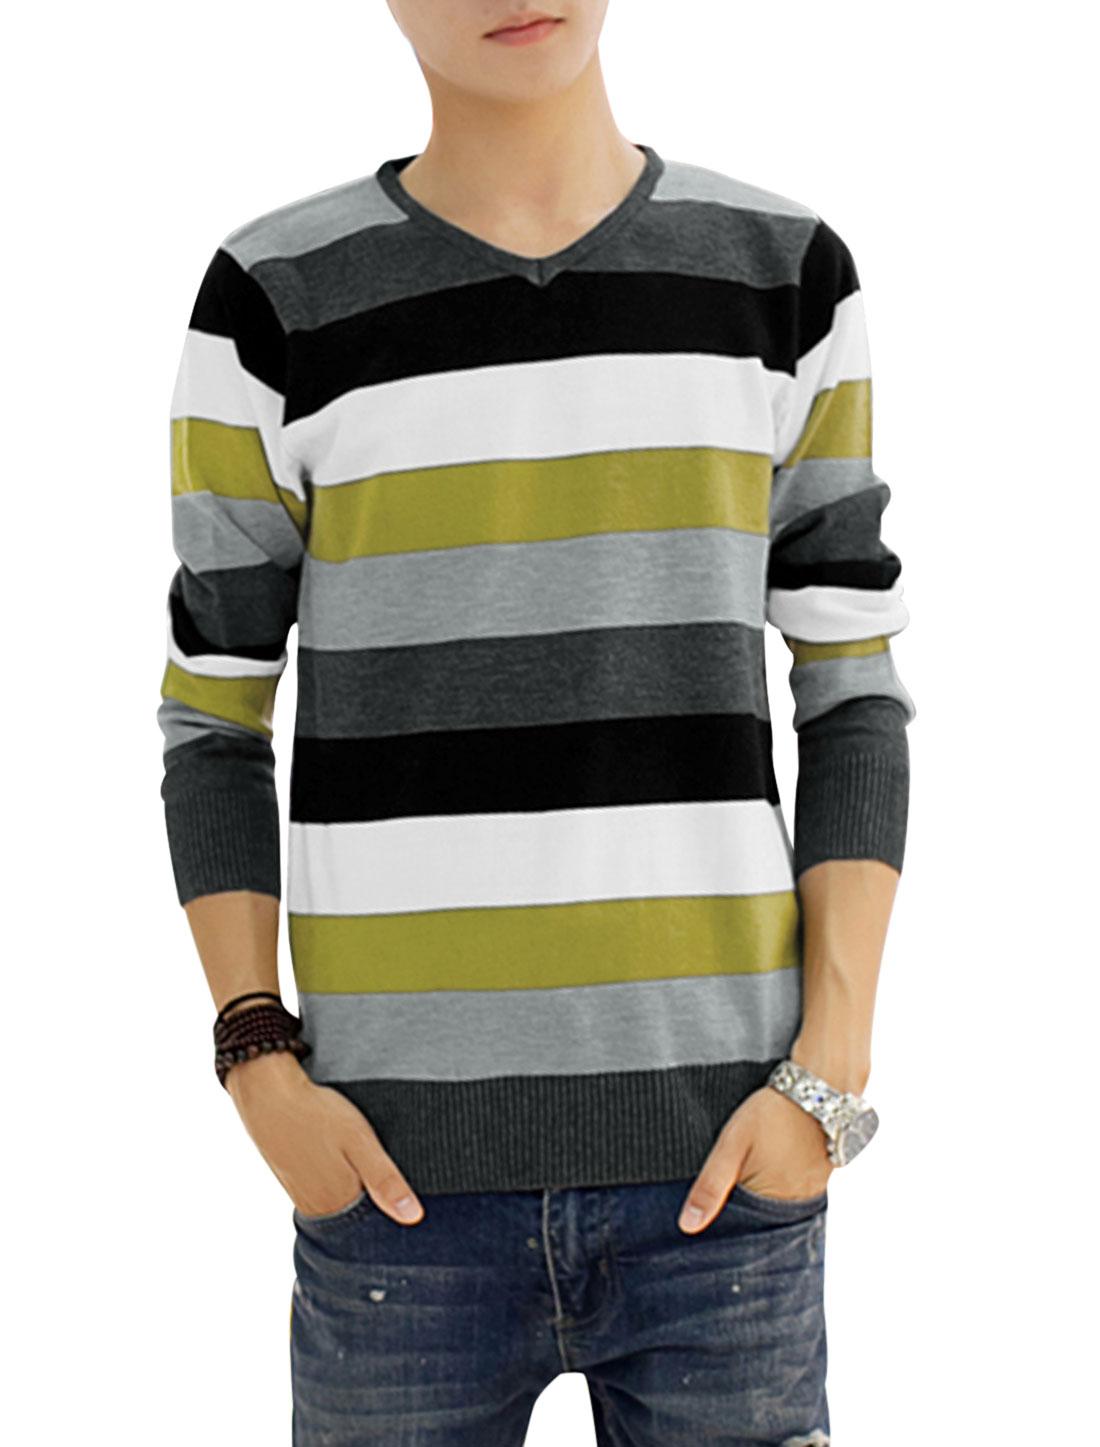 Long Sleeves Bar Striped Slipover Knit Shirt for Men Dark Gray White S